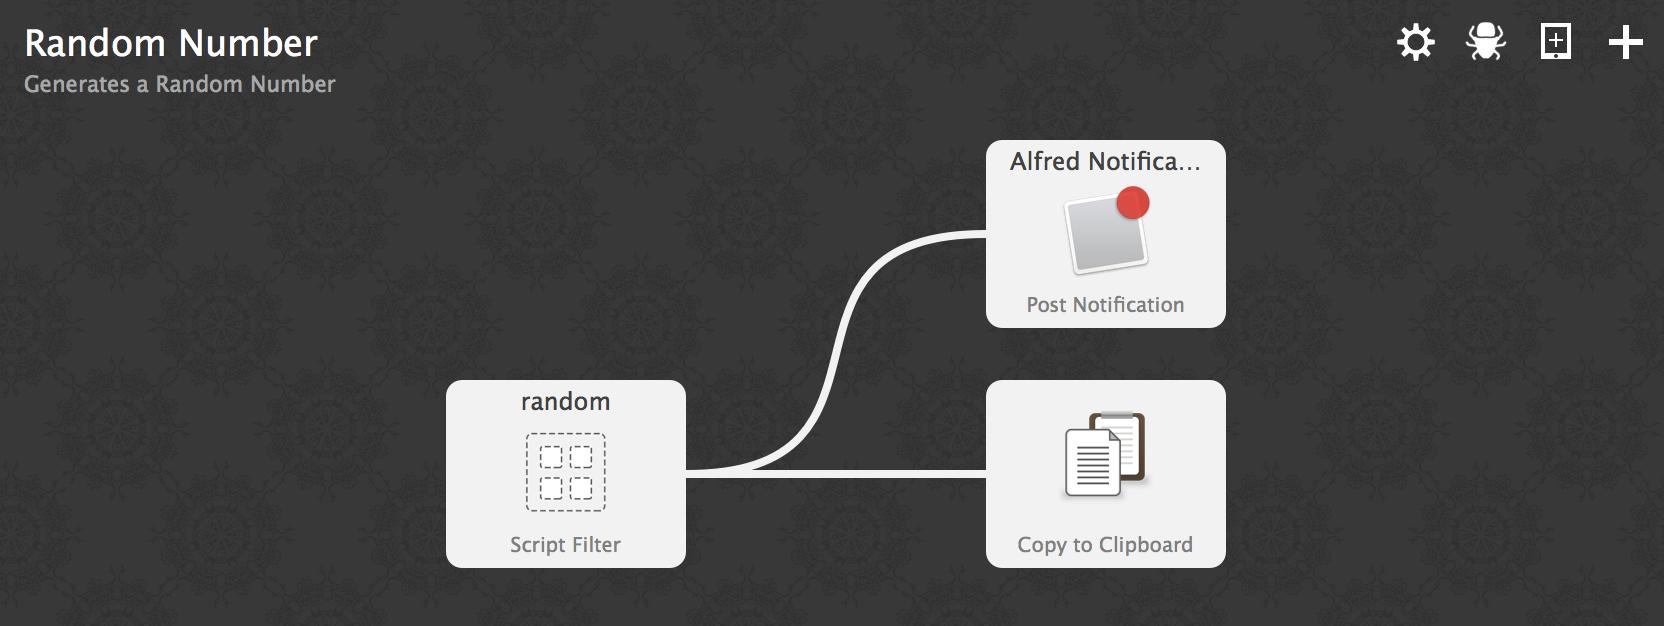 random_workflow_nodes